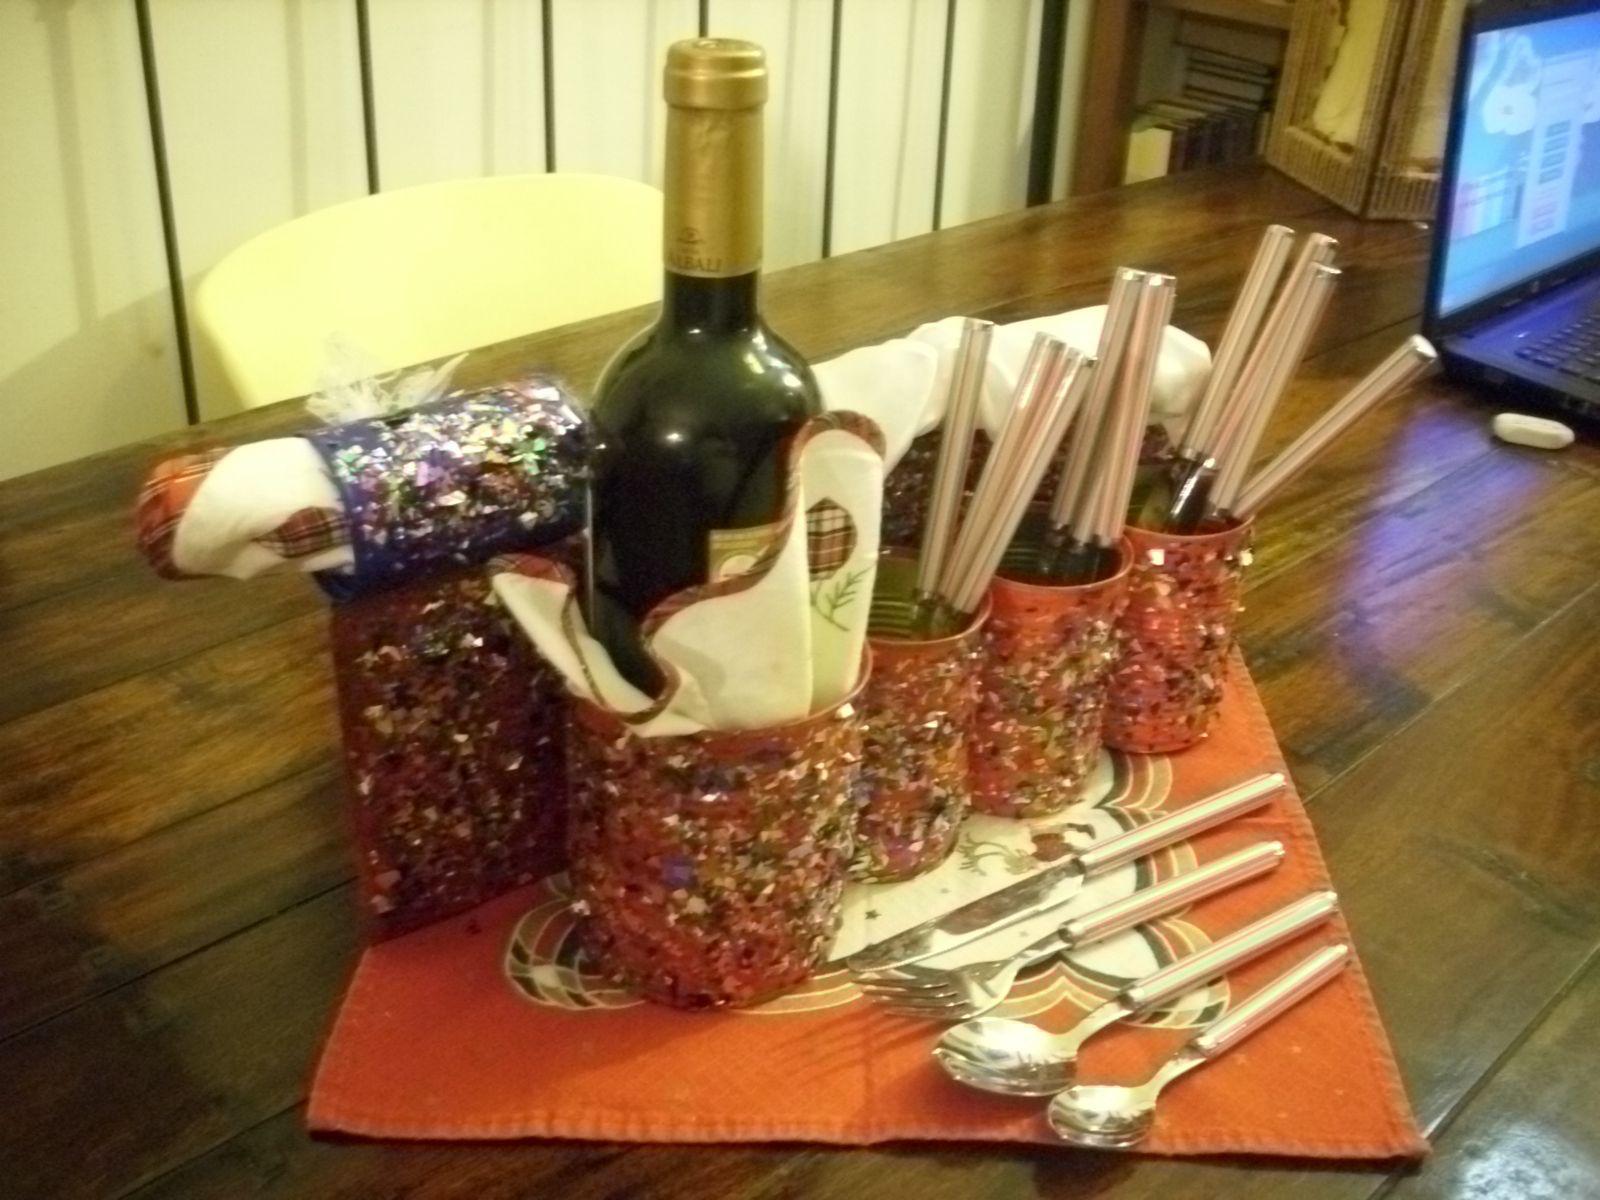 Servicio de mesa para Navidad con latas reutilizadas